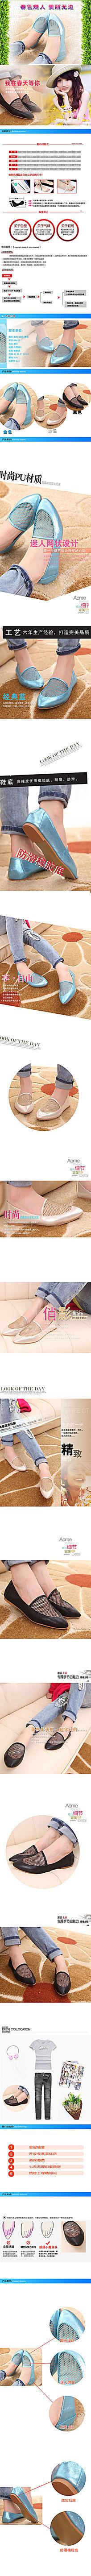 2015春夏女款网状圆头休闲鞋描述模版